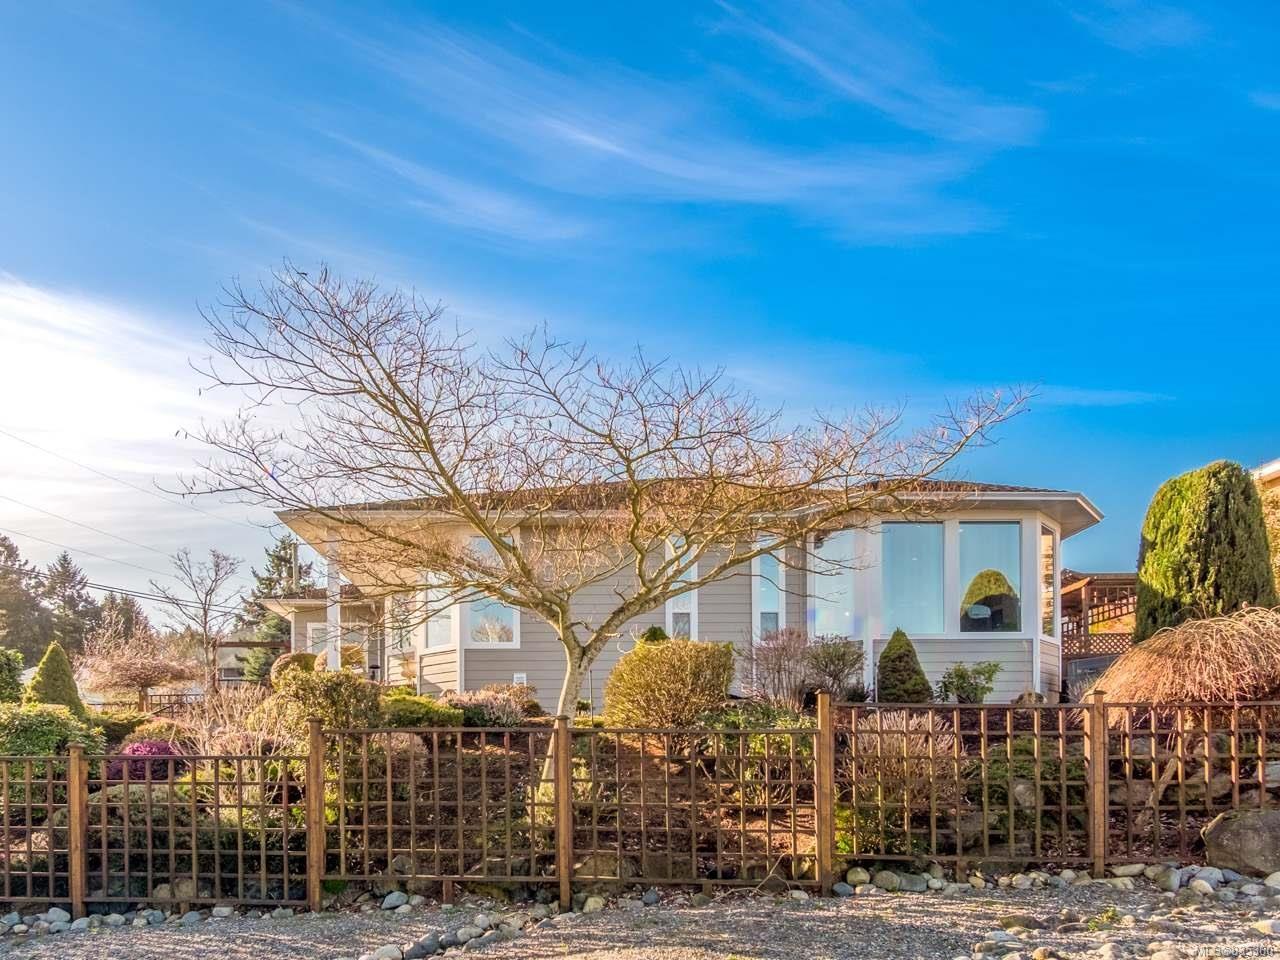 Main Photo: 5751 Norasea Rd in NANAIMO: Na North Nanaimo House for sale (Nanaimo)  : MLS®# 835360